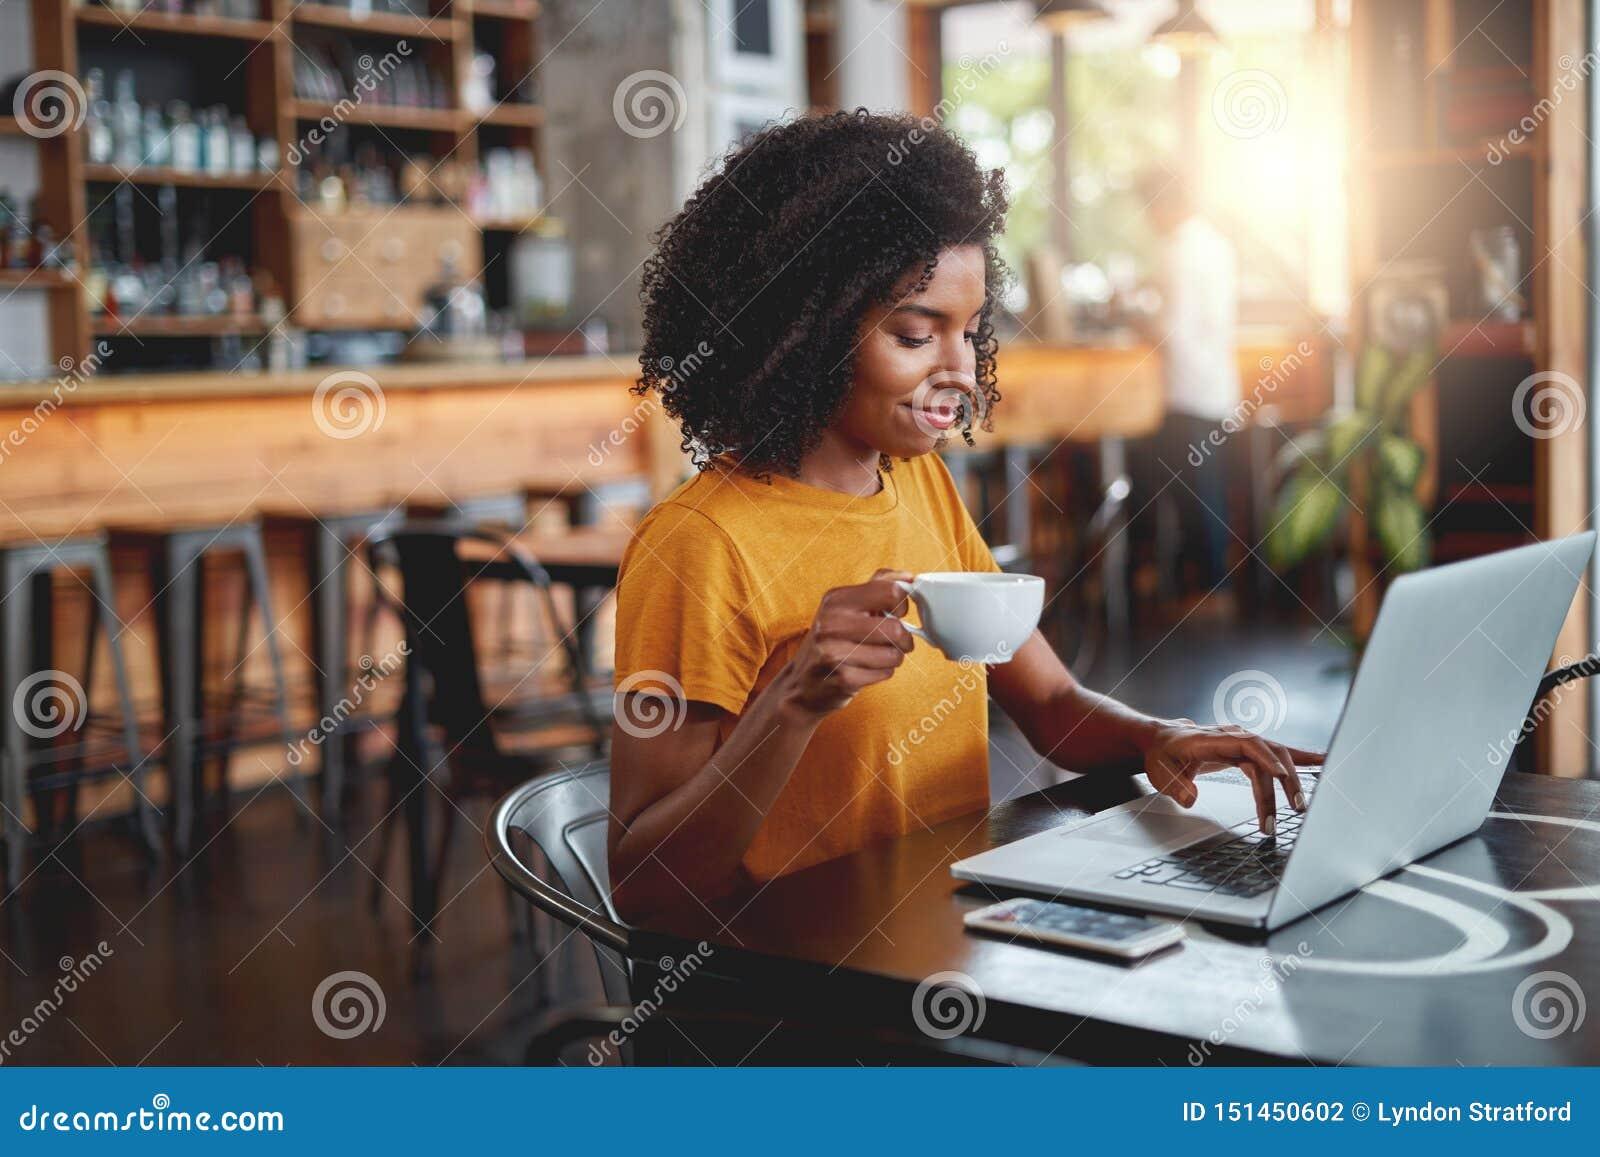 Νέο φλυτζάνι εκμετάλλευσης γυναικών στο διαθέσιμο χρησιμοποιώντας lap-top